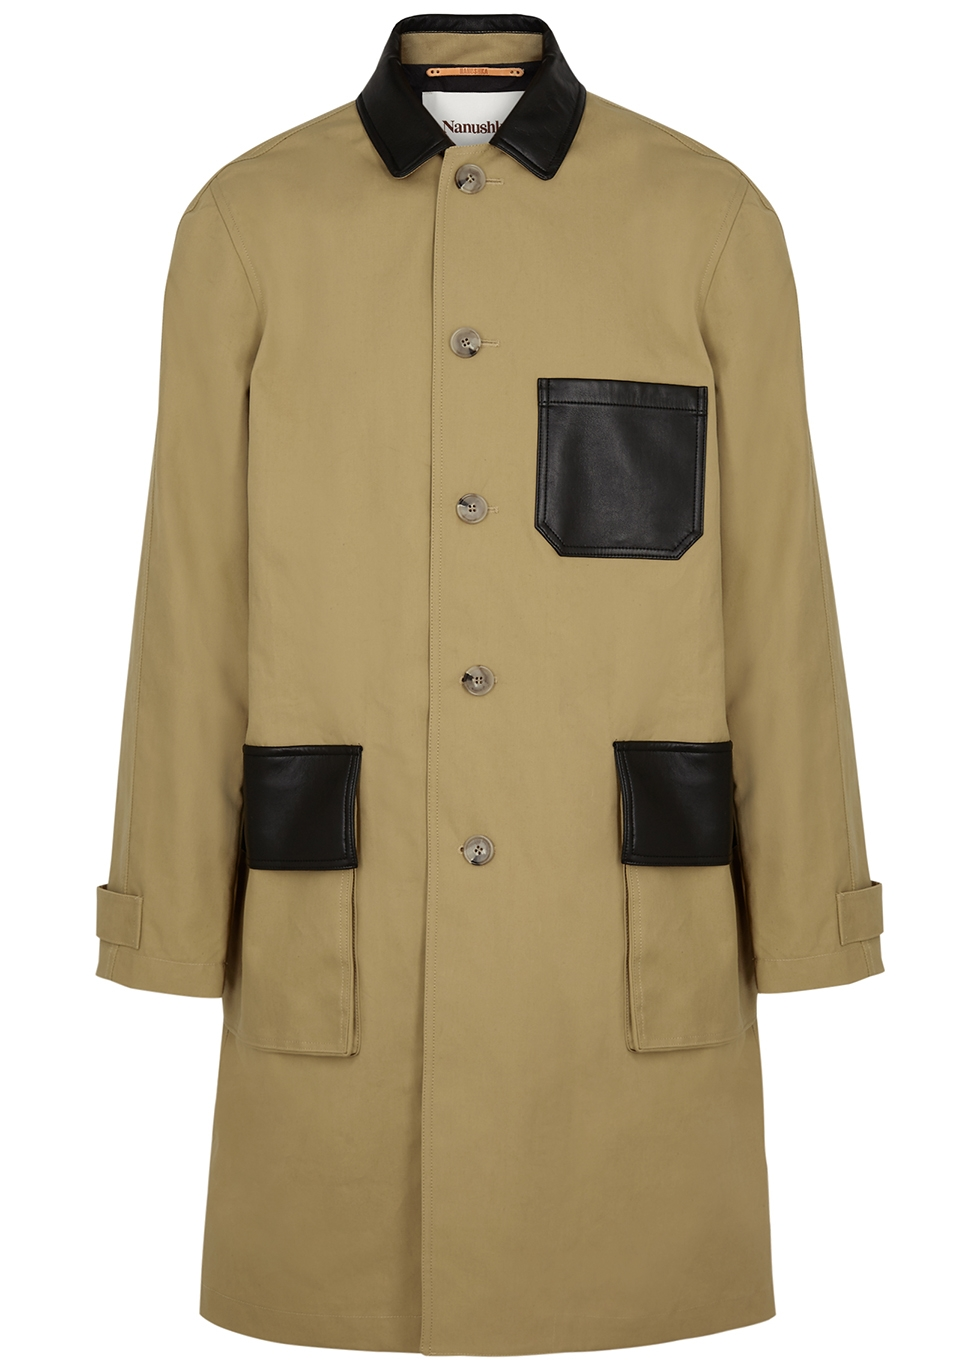 Kane camel leather-trimmed cotton coat